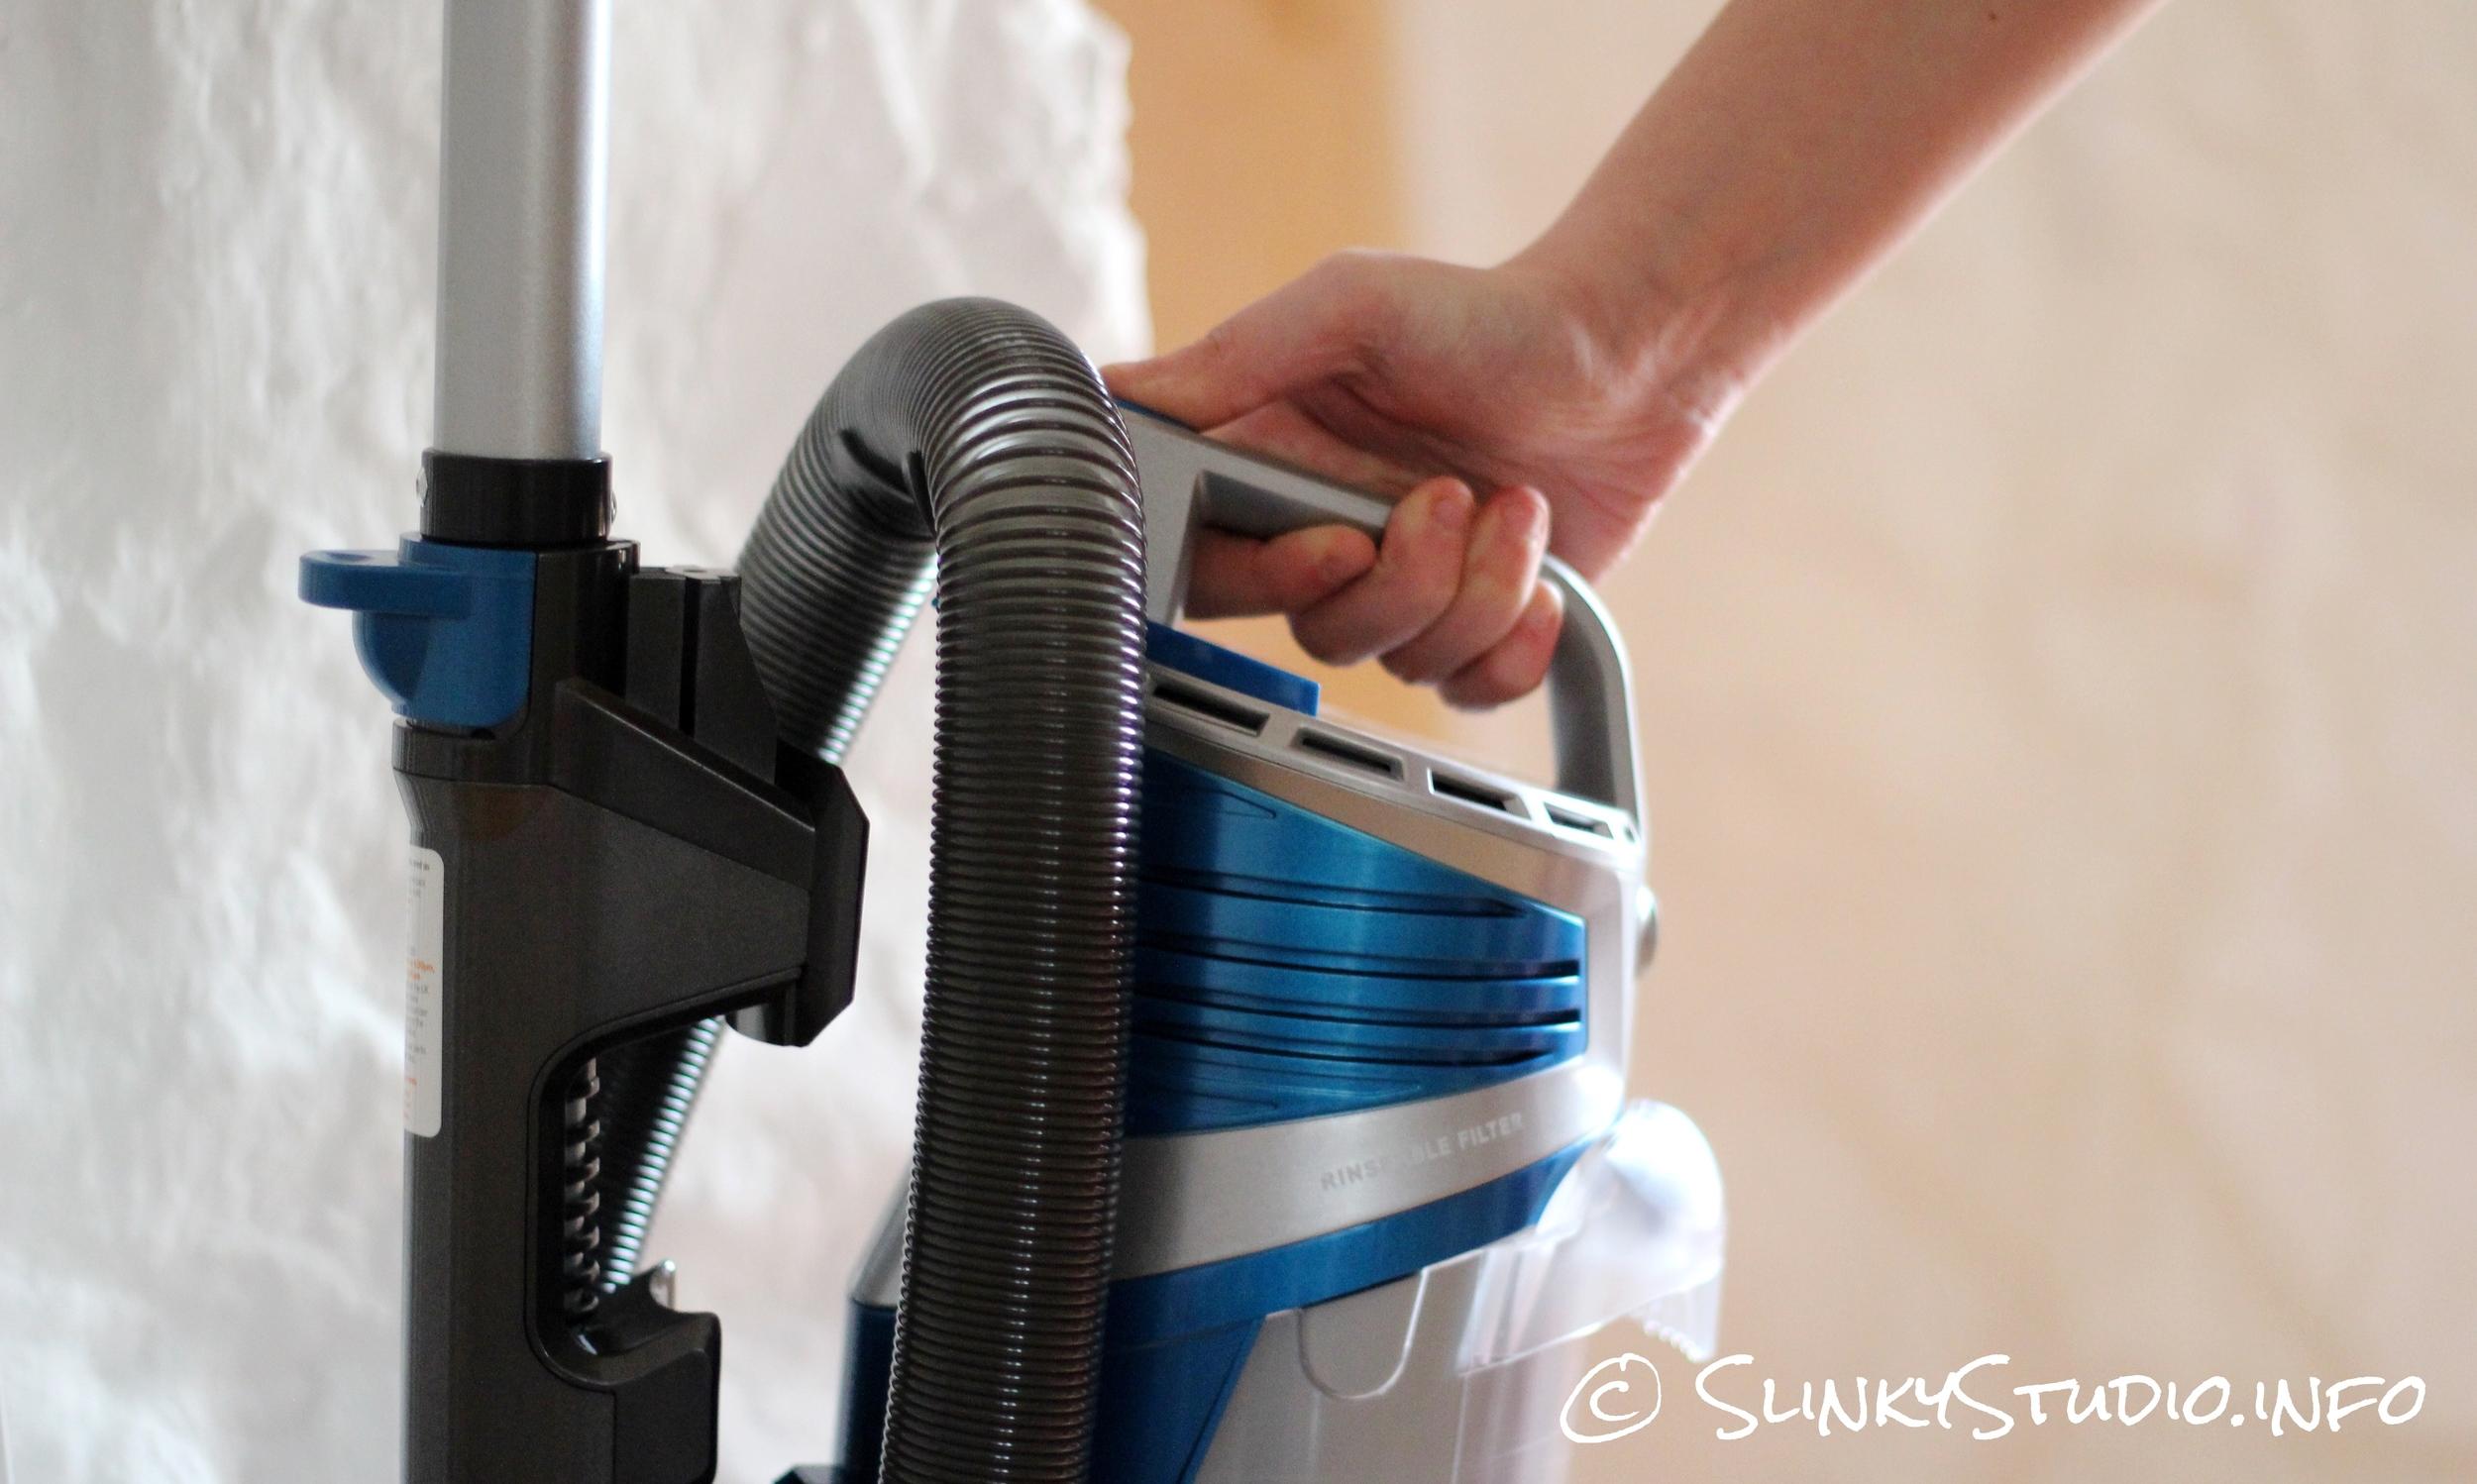 Vax Air Cordless Lift Seperating Cylinder.jpg